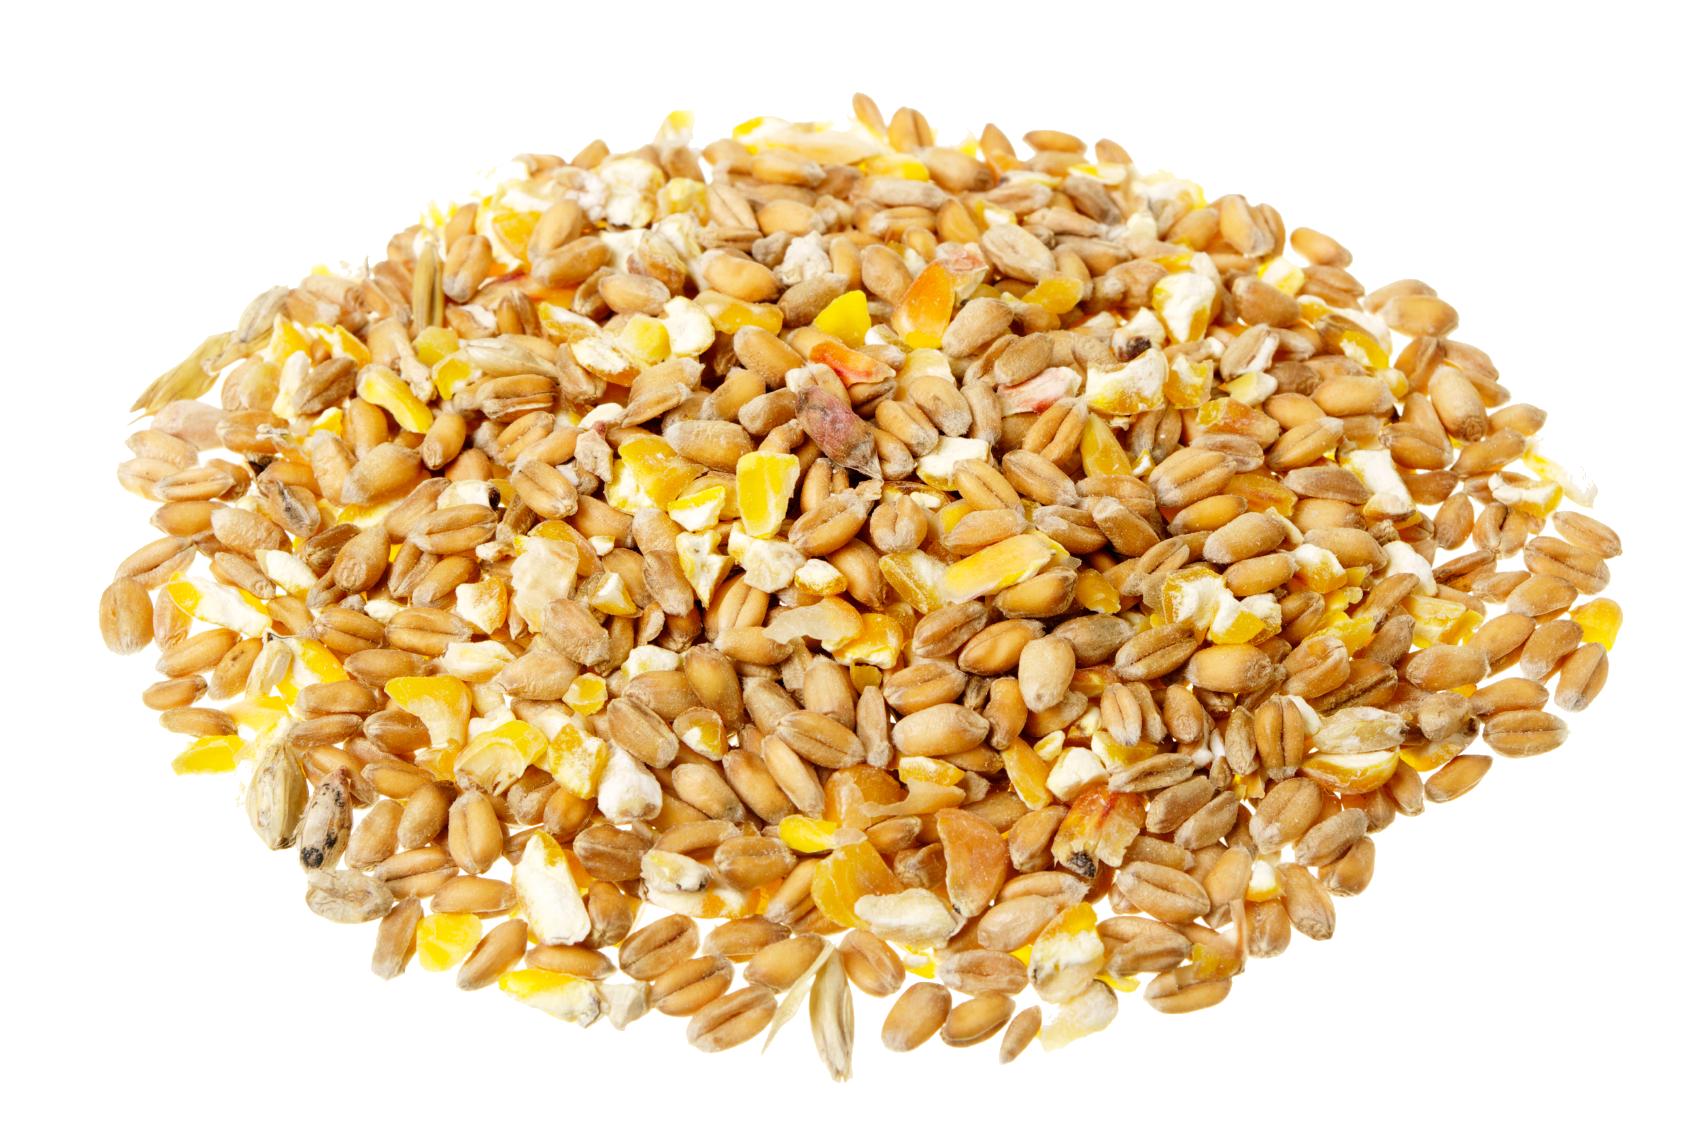 Grain background png mart. Grains clipart transparent